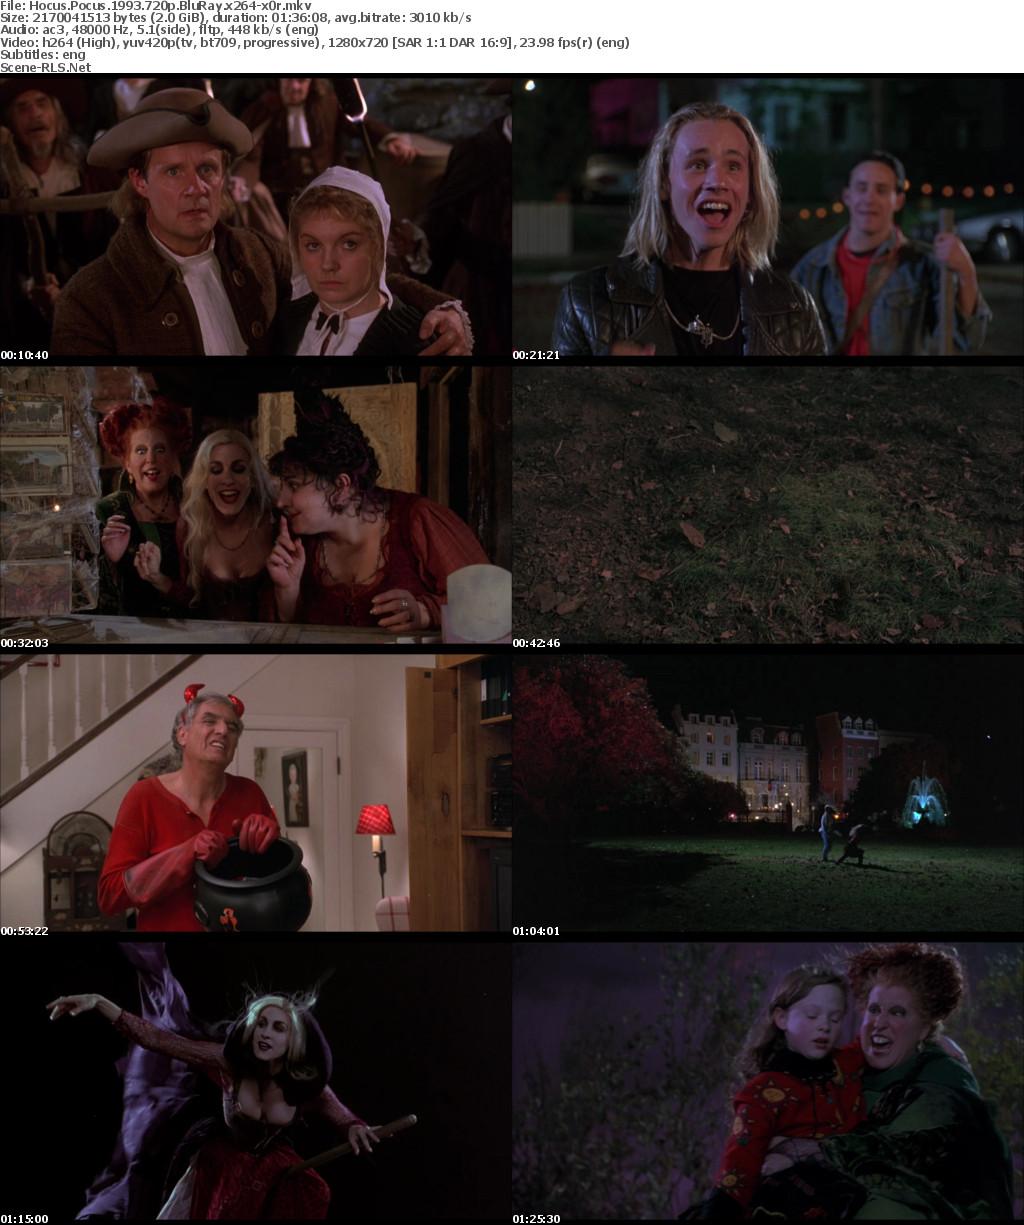 Hocus Pocus 1993 720p BluRay x264-x0r - Scene Release